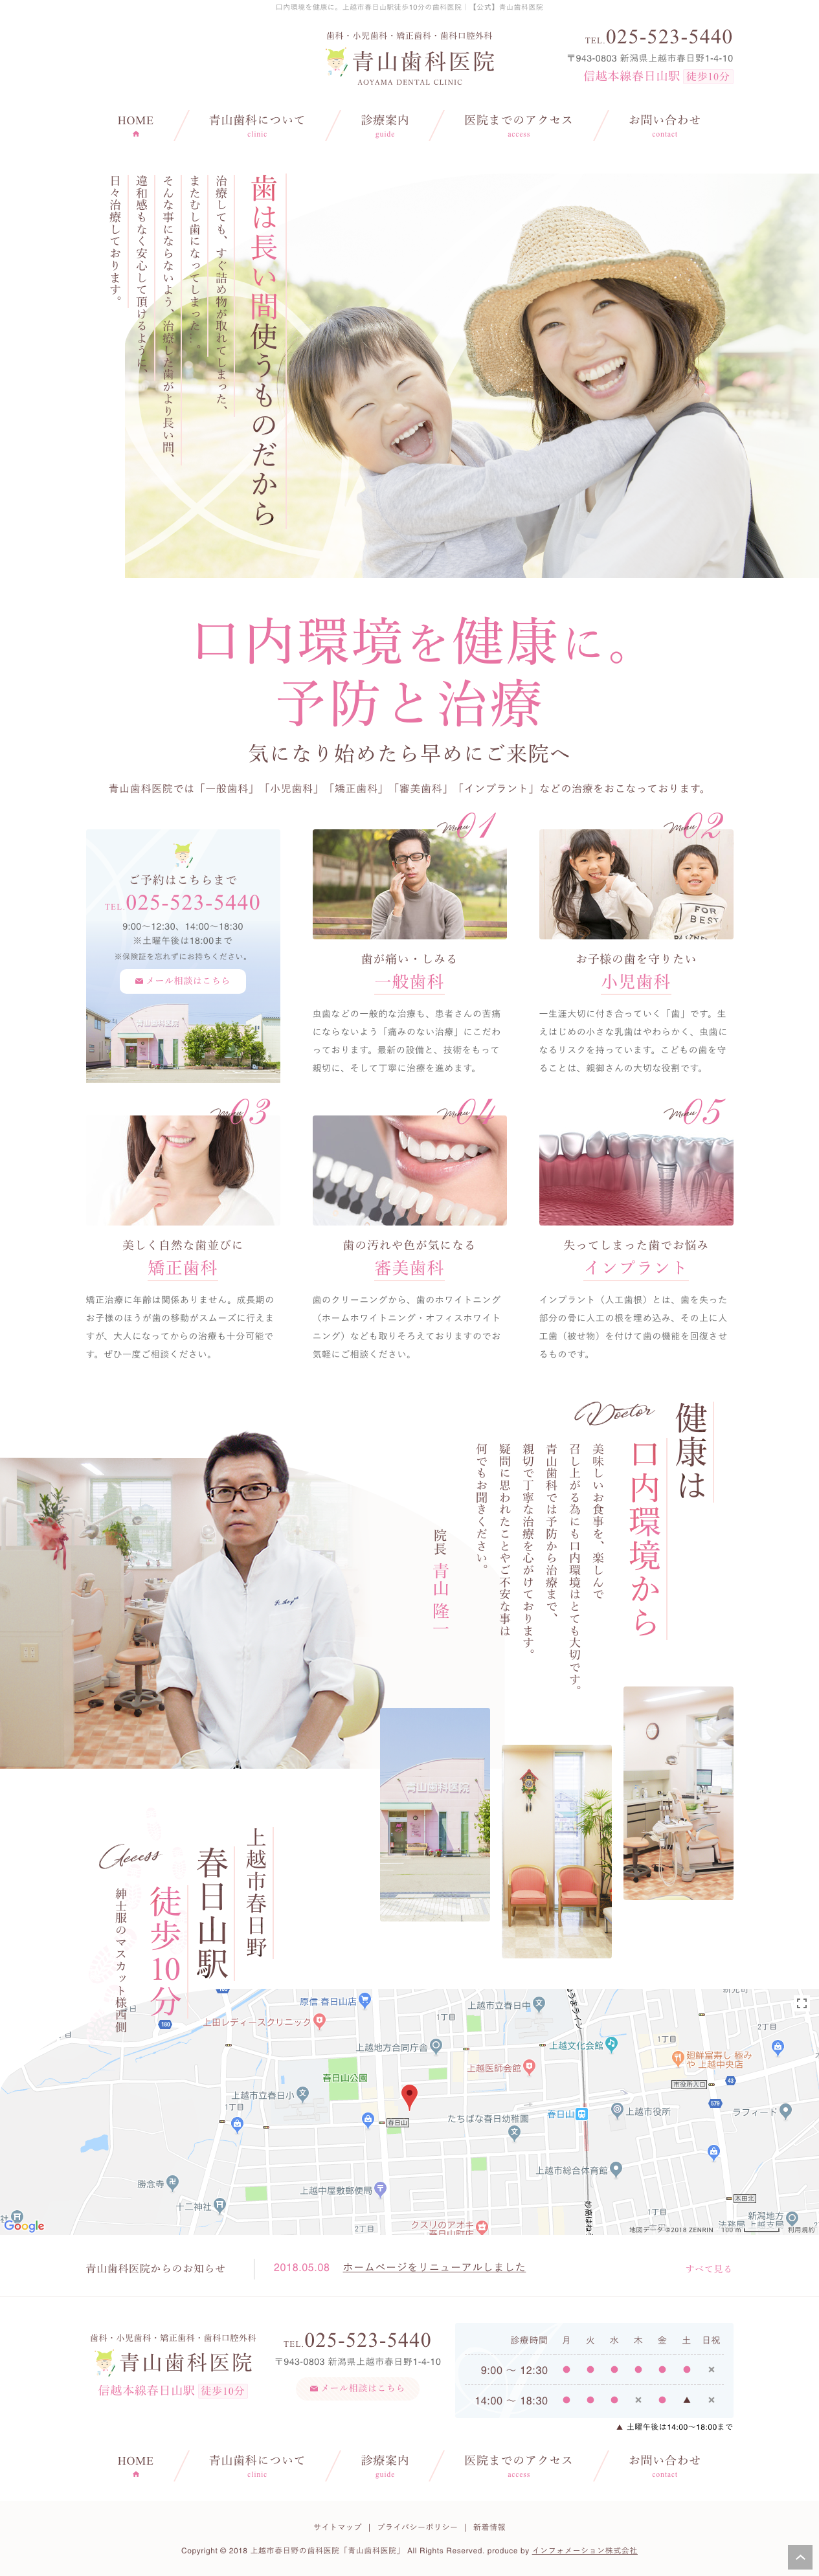 ホームページ制作実績:青山歯科医院様